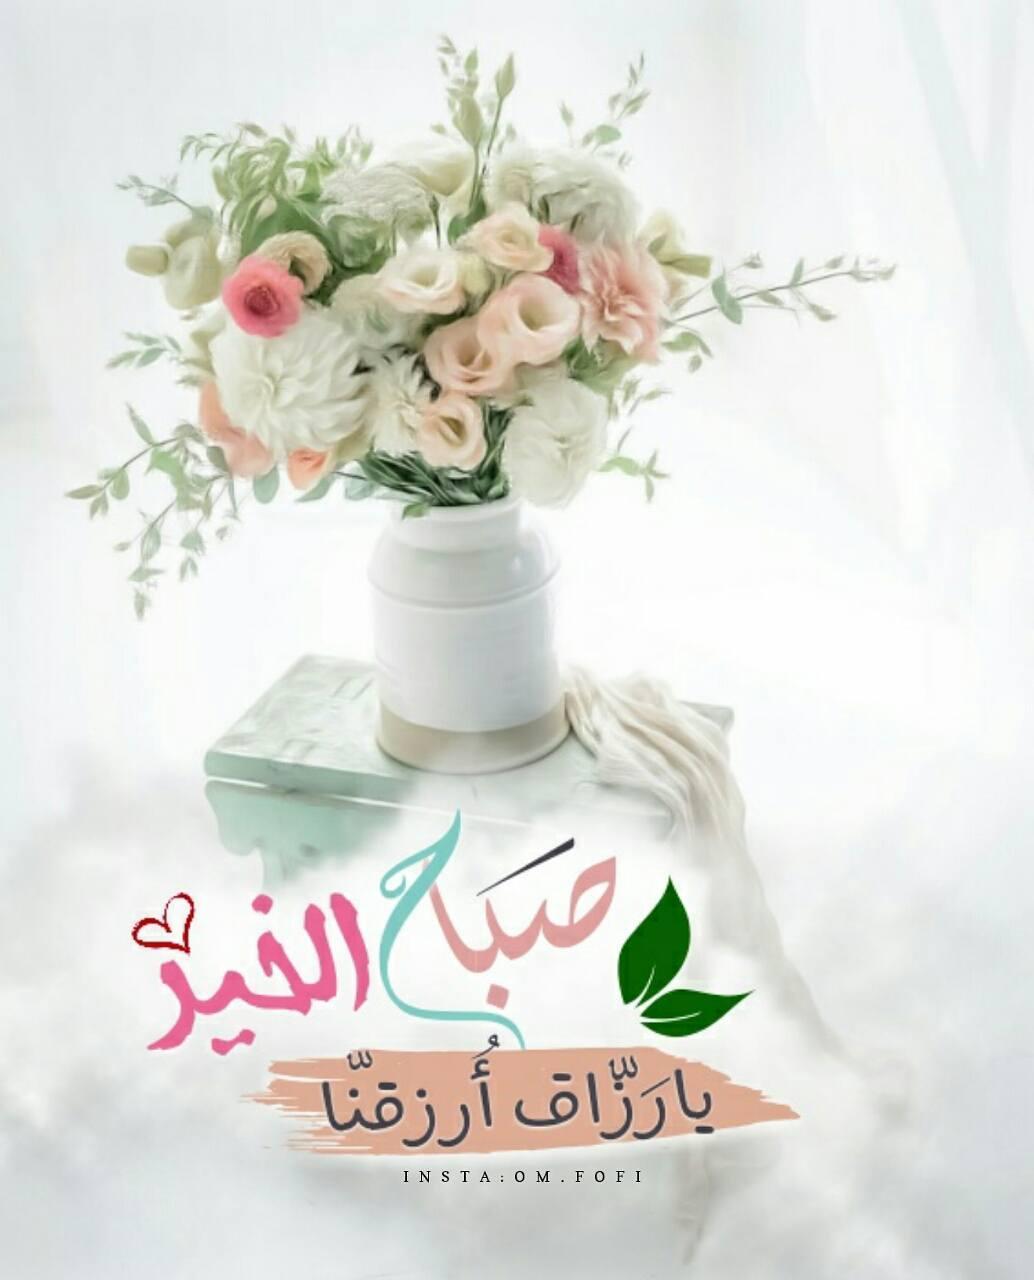 بالصور ادعية صباحية , دعا ء الصباح المبارك 1410 4